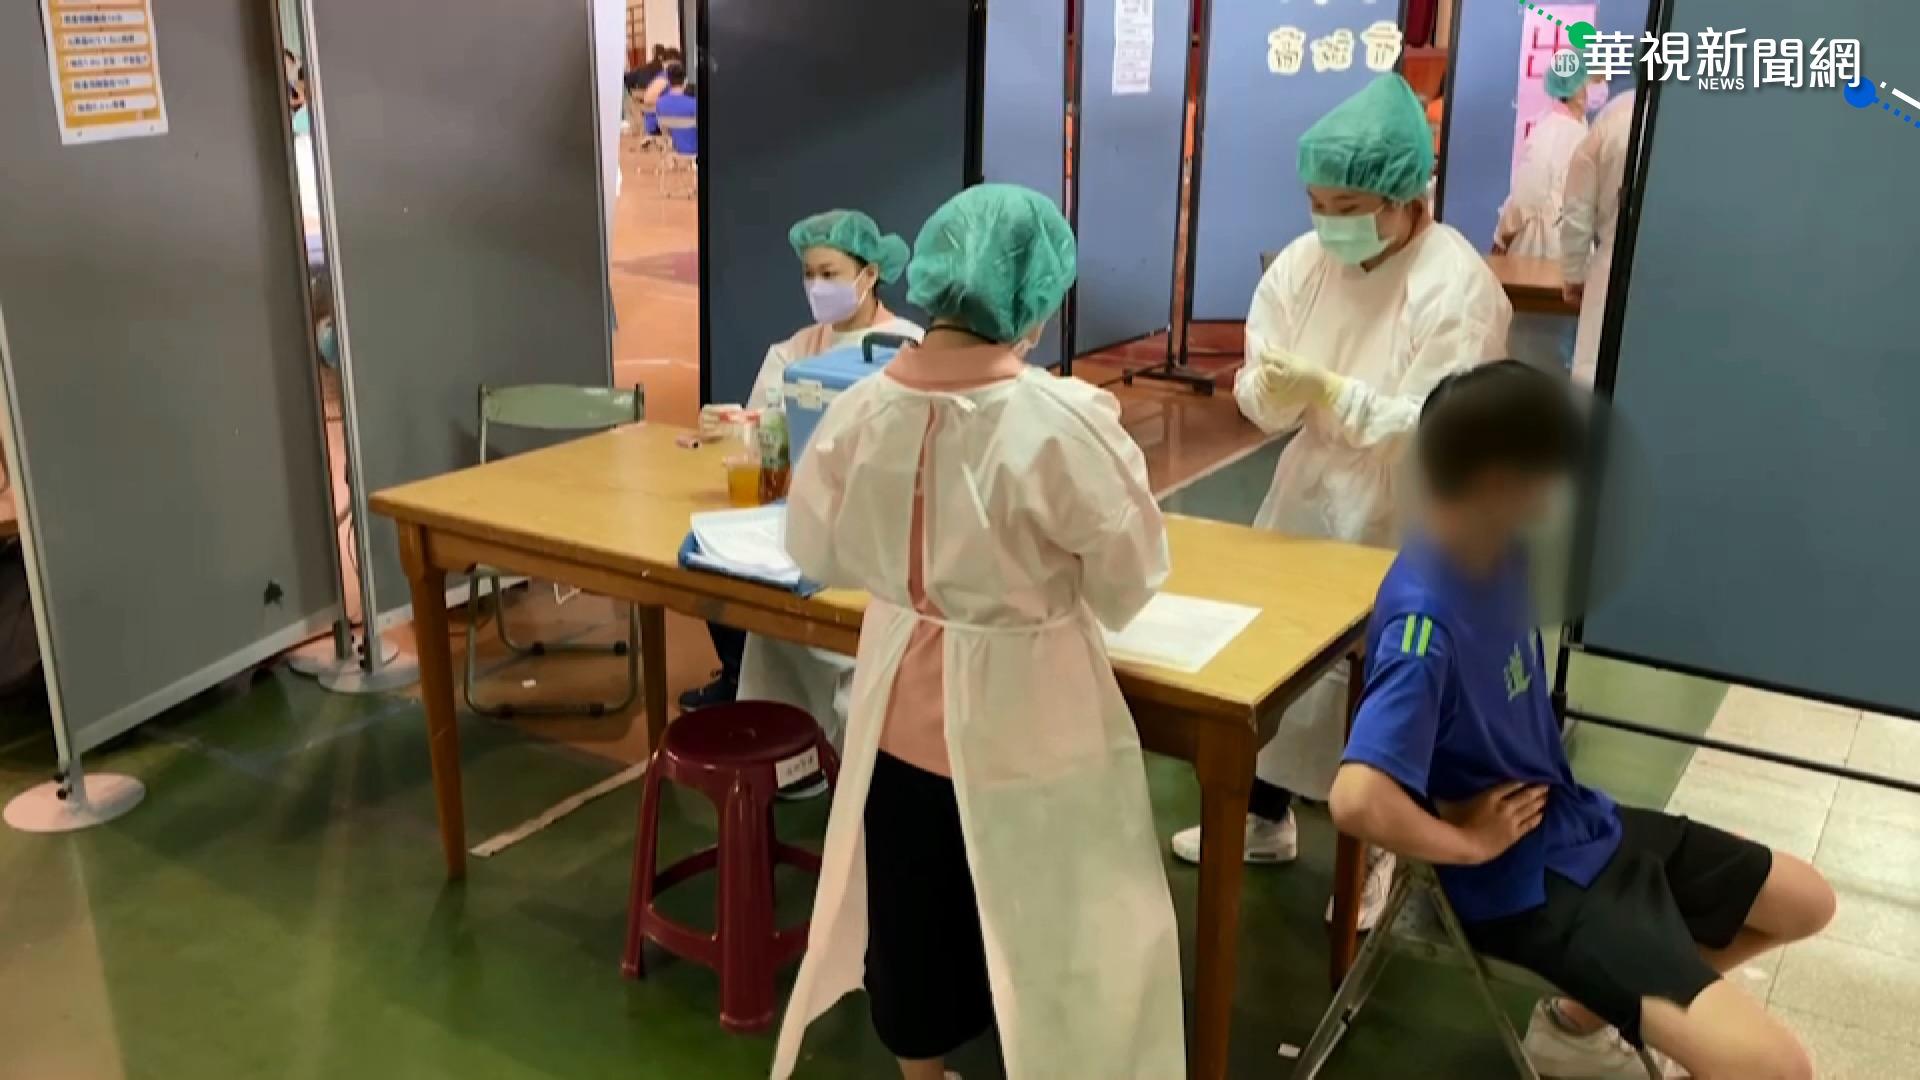 BNT開打! 台南2校近4成學生請疫苗假